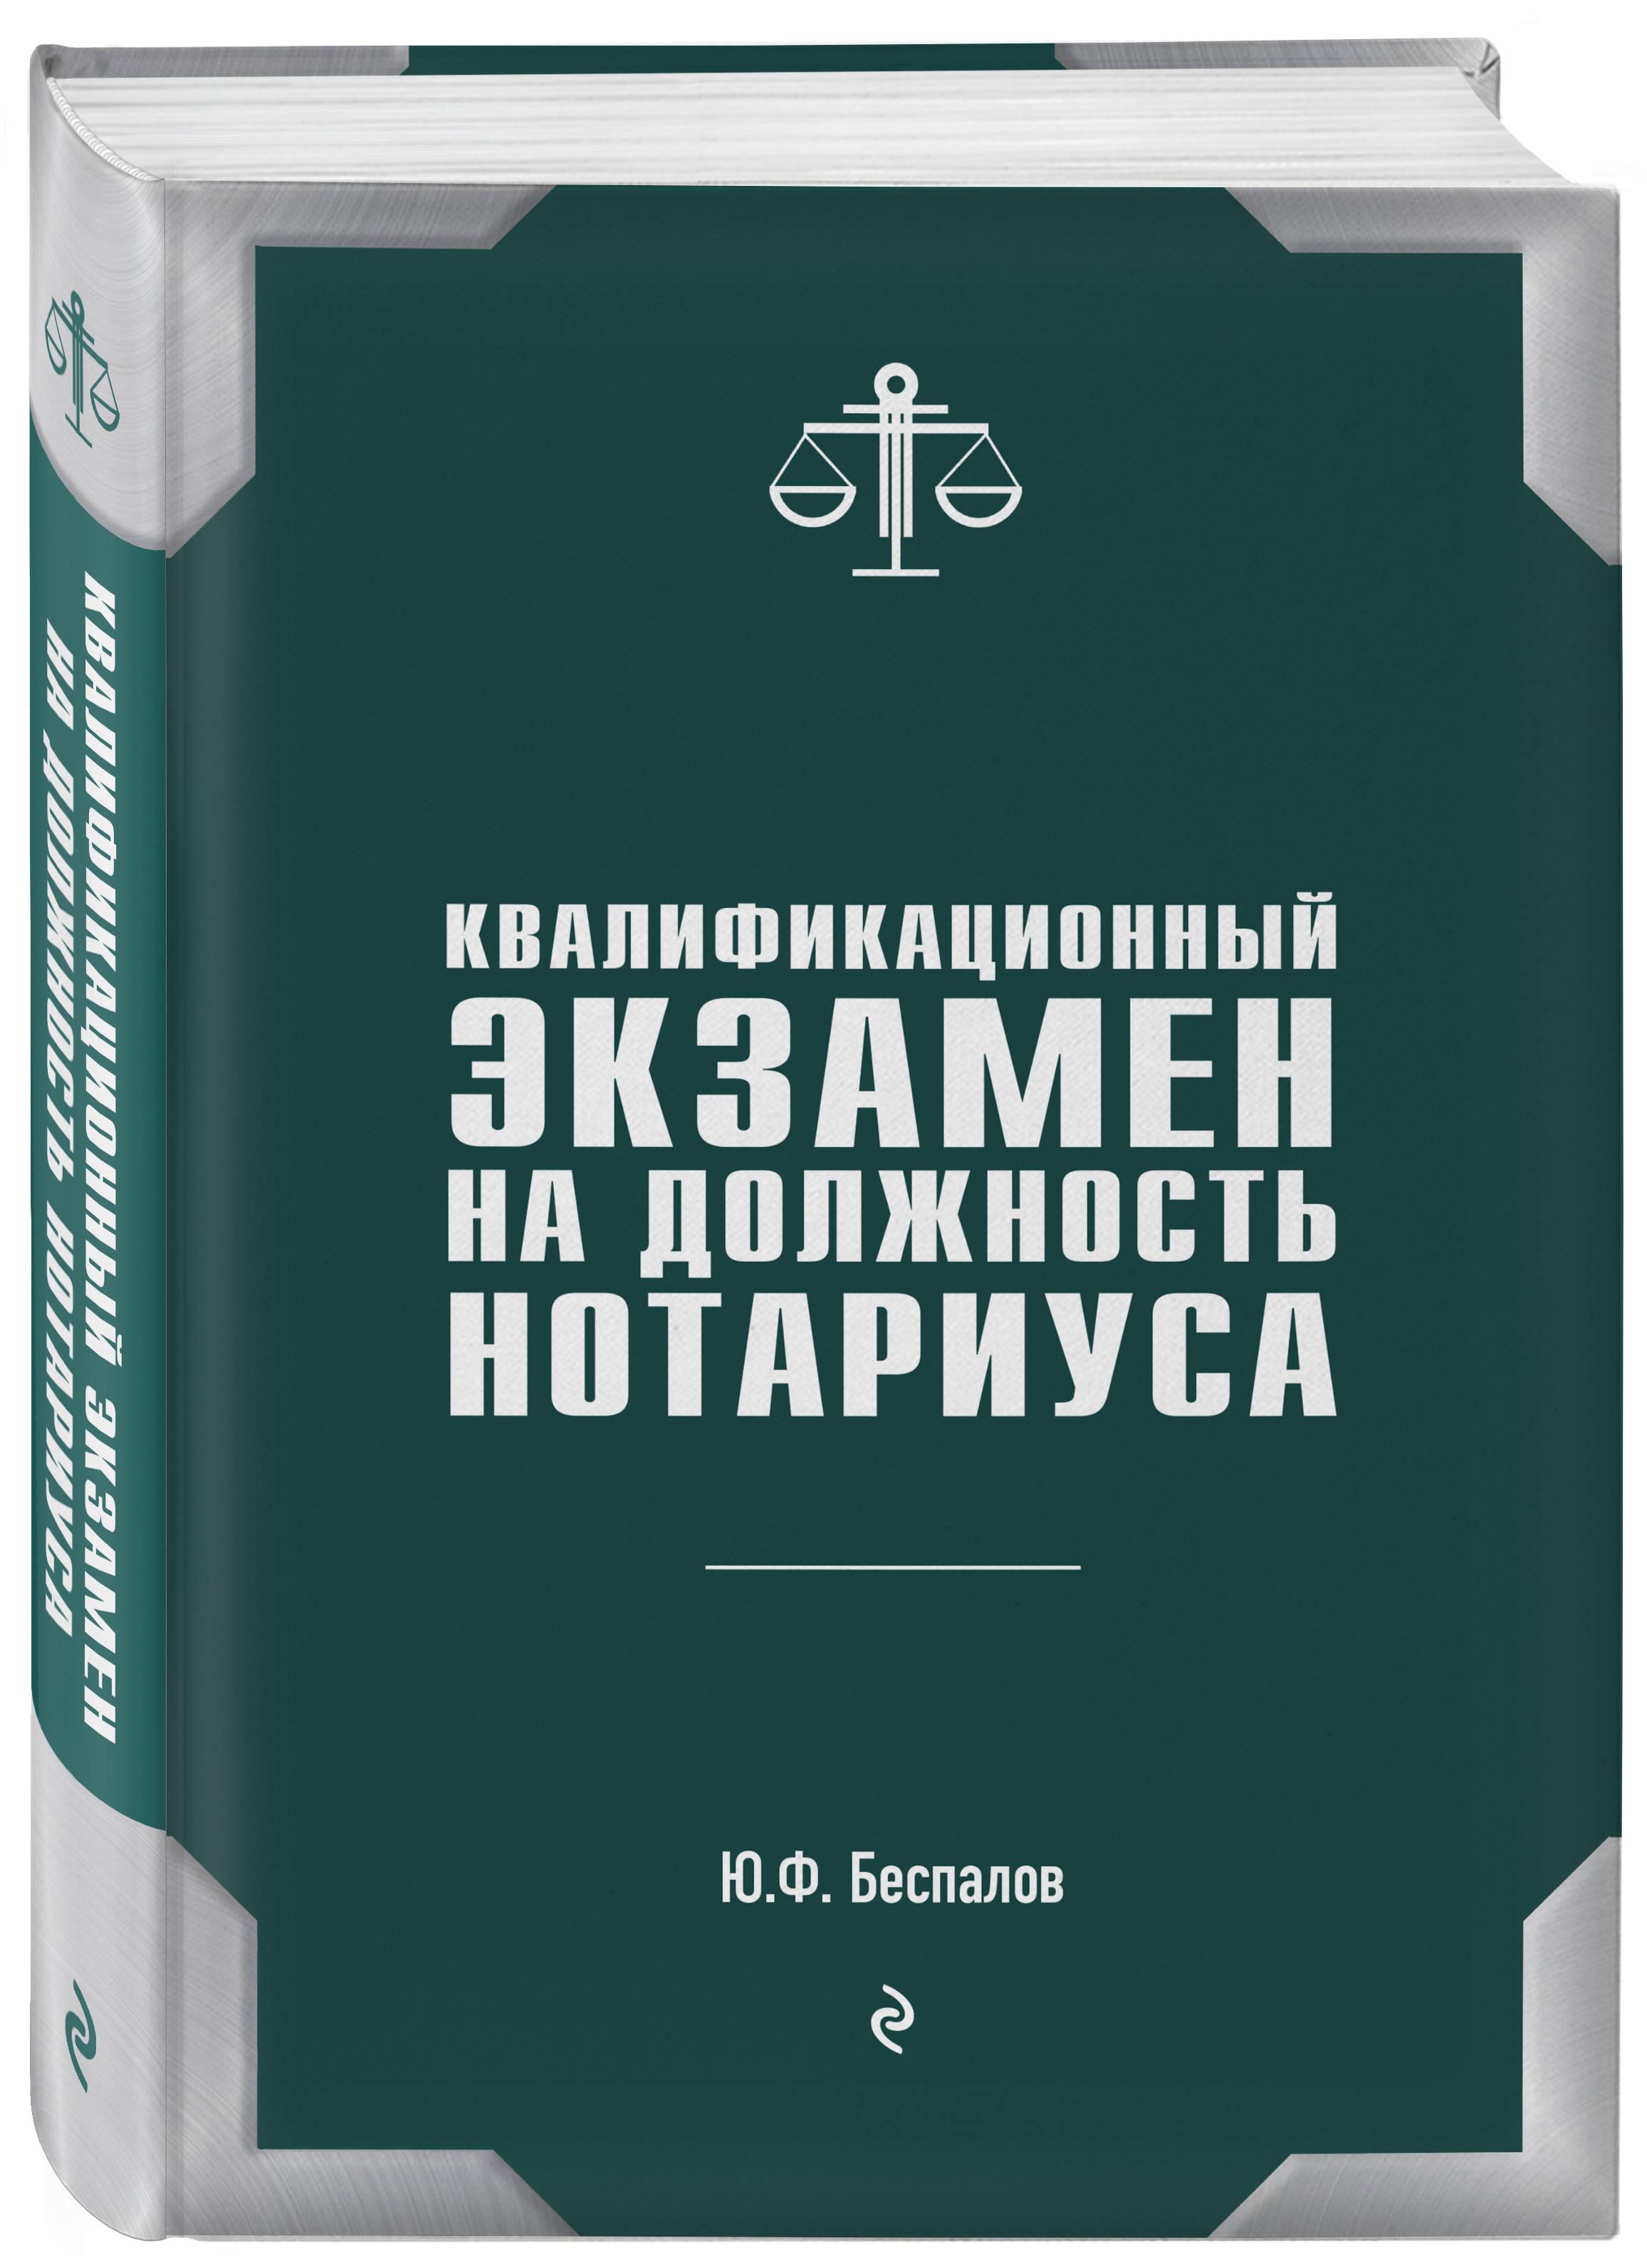 Беспалов Ю.Ф. Квалификационный экзамен на должность нотариуса а н чашин квалификационный экзамен на должность судьи суда общей юрисдикции